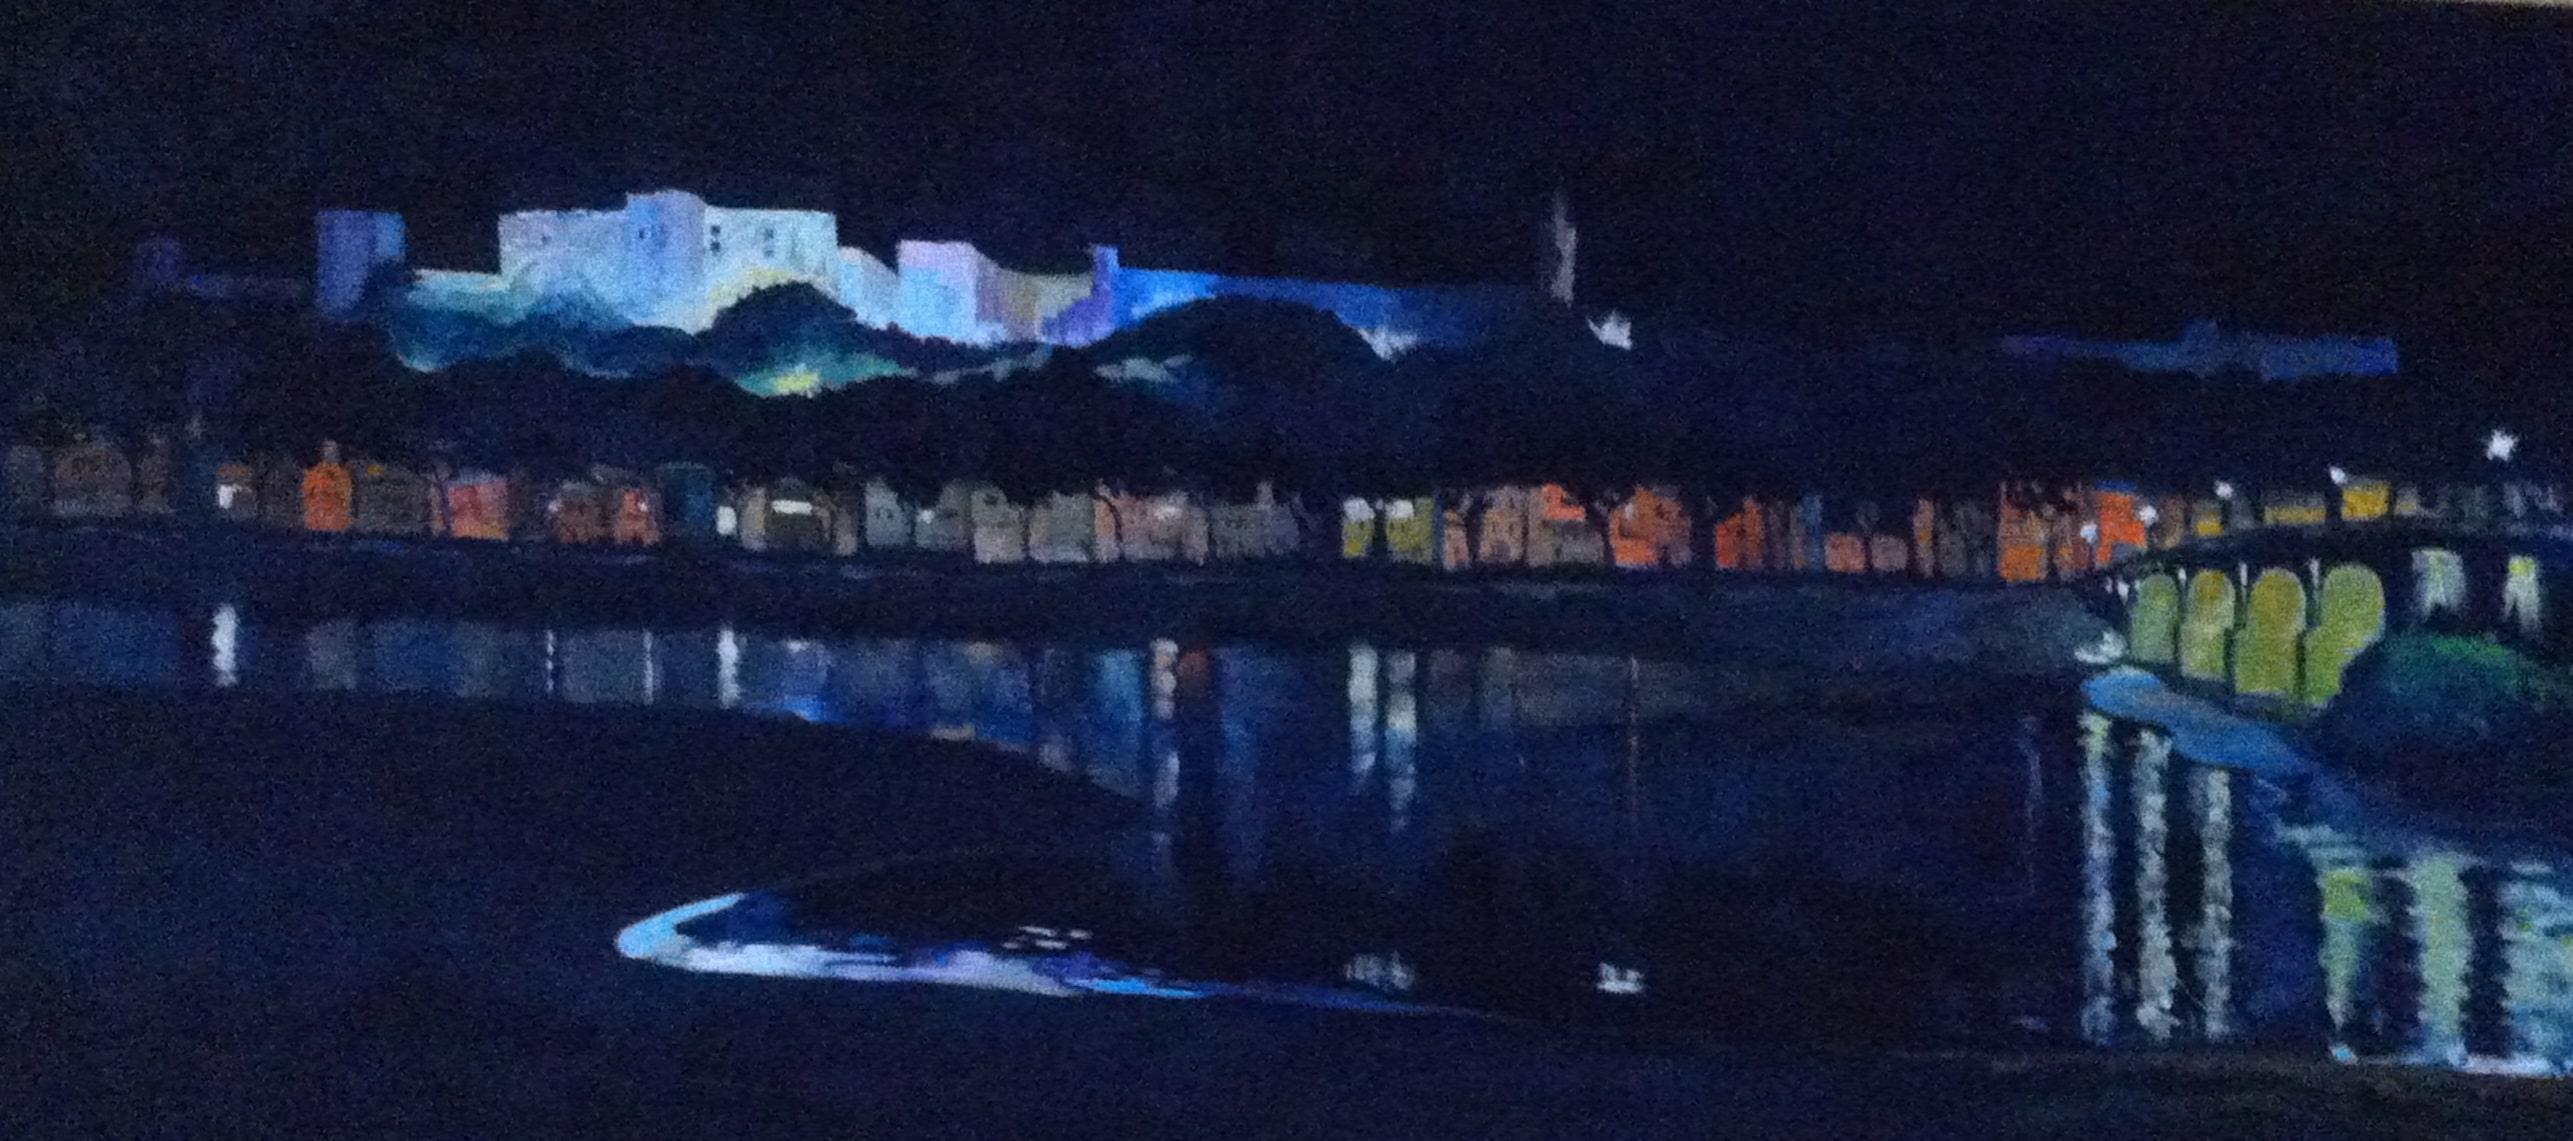 Hôtes et artistes en poitou - Forteresse de Chinon - Huile sur toile